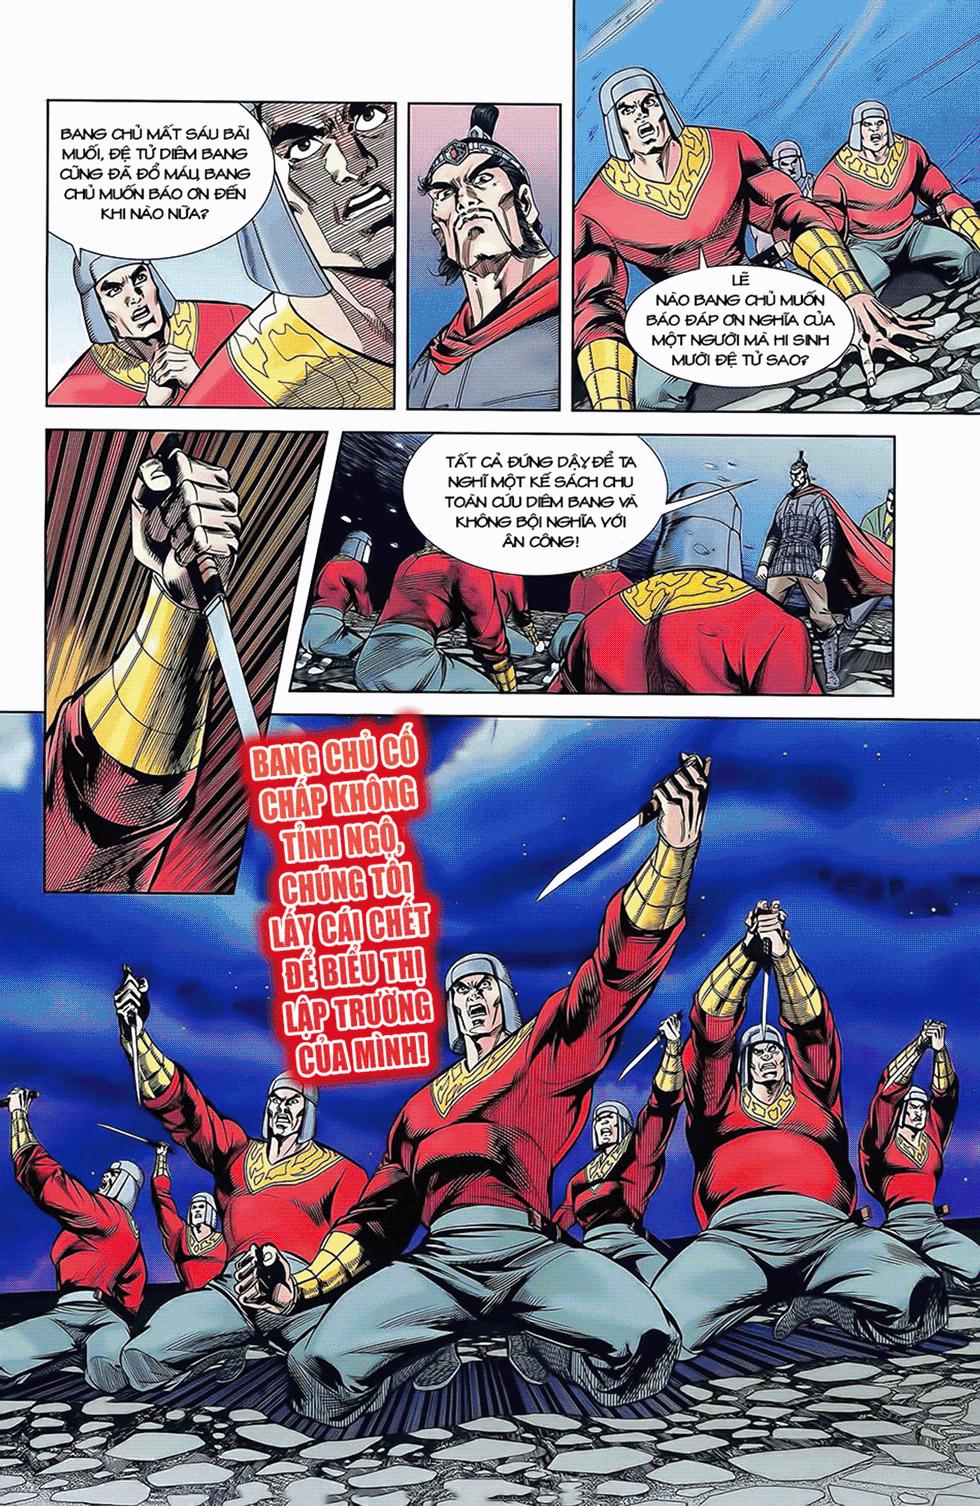 Tần Vương Doanh Chính chapter 10 trang 13